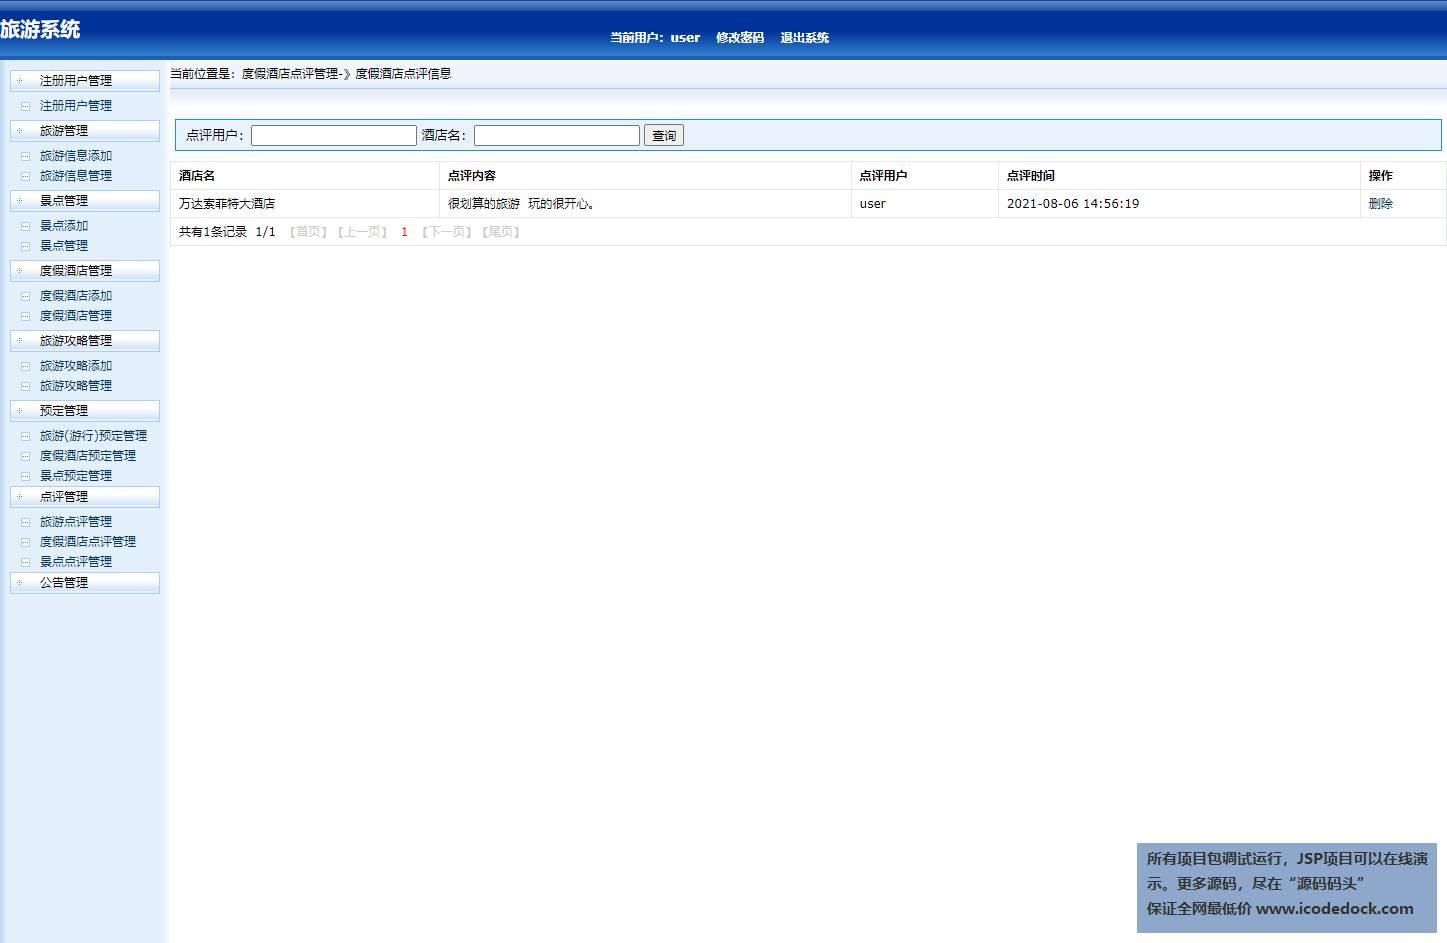 源码码头-SSH实现在线旅游网站-管理员角色-评价管理